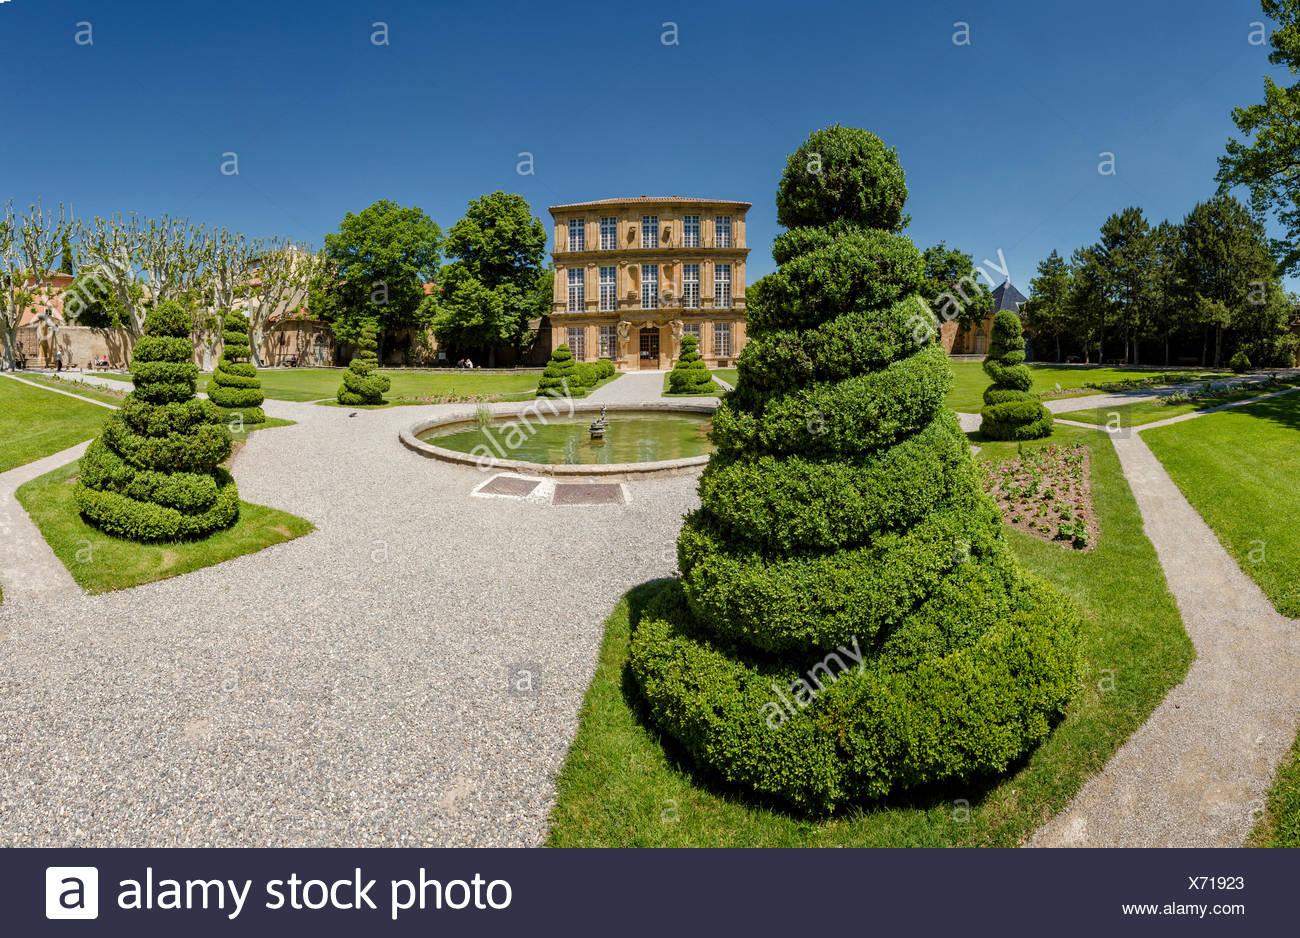 Parc Vendome, castle, spring, garden, park, Aix en Provence, Bouches du Rhone, France, Europe, - Stock Image